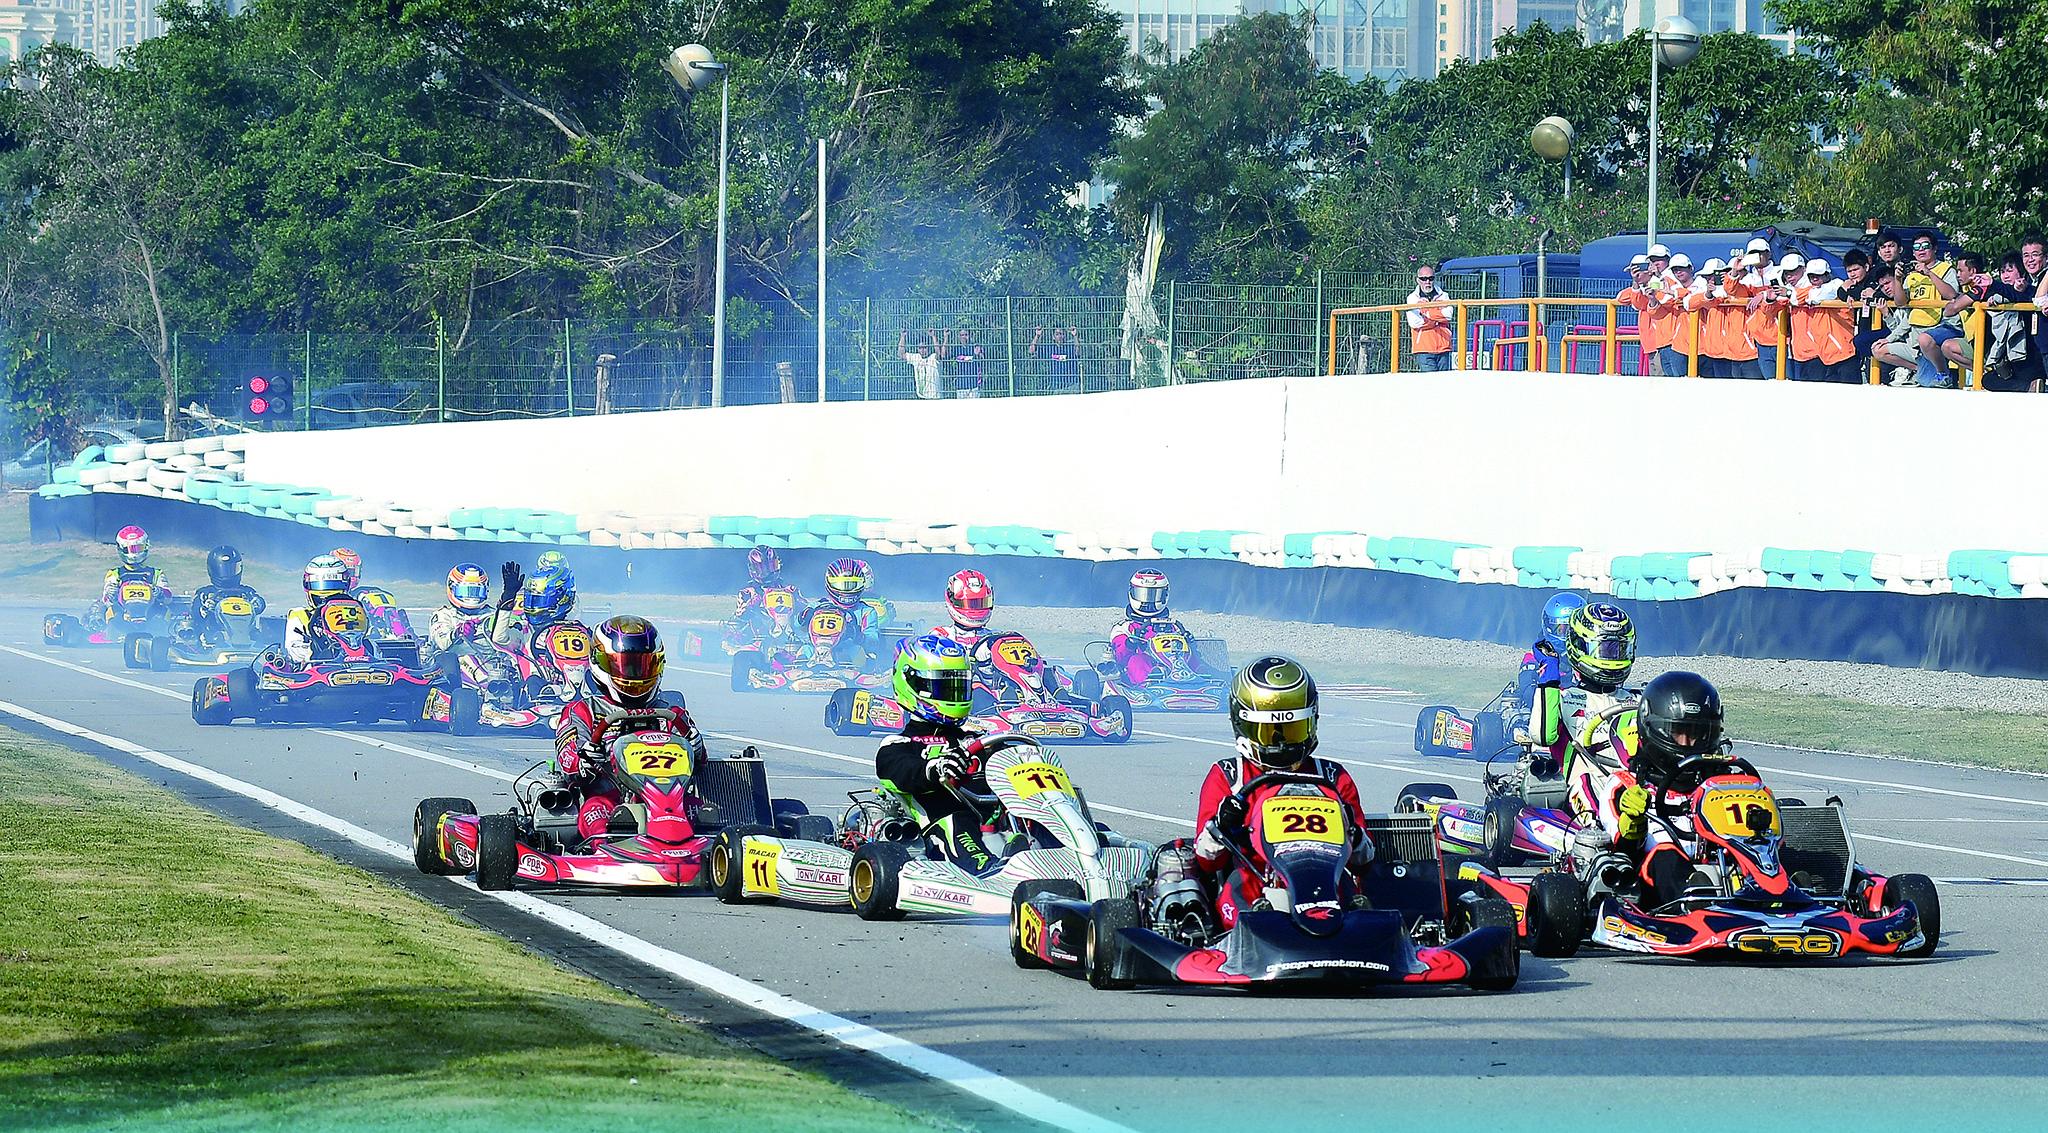 Automobilismo | GP Internacional de Karting de 2018 é para avançar